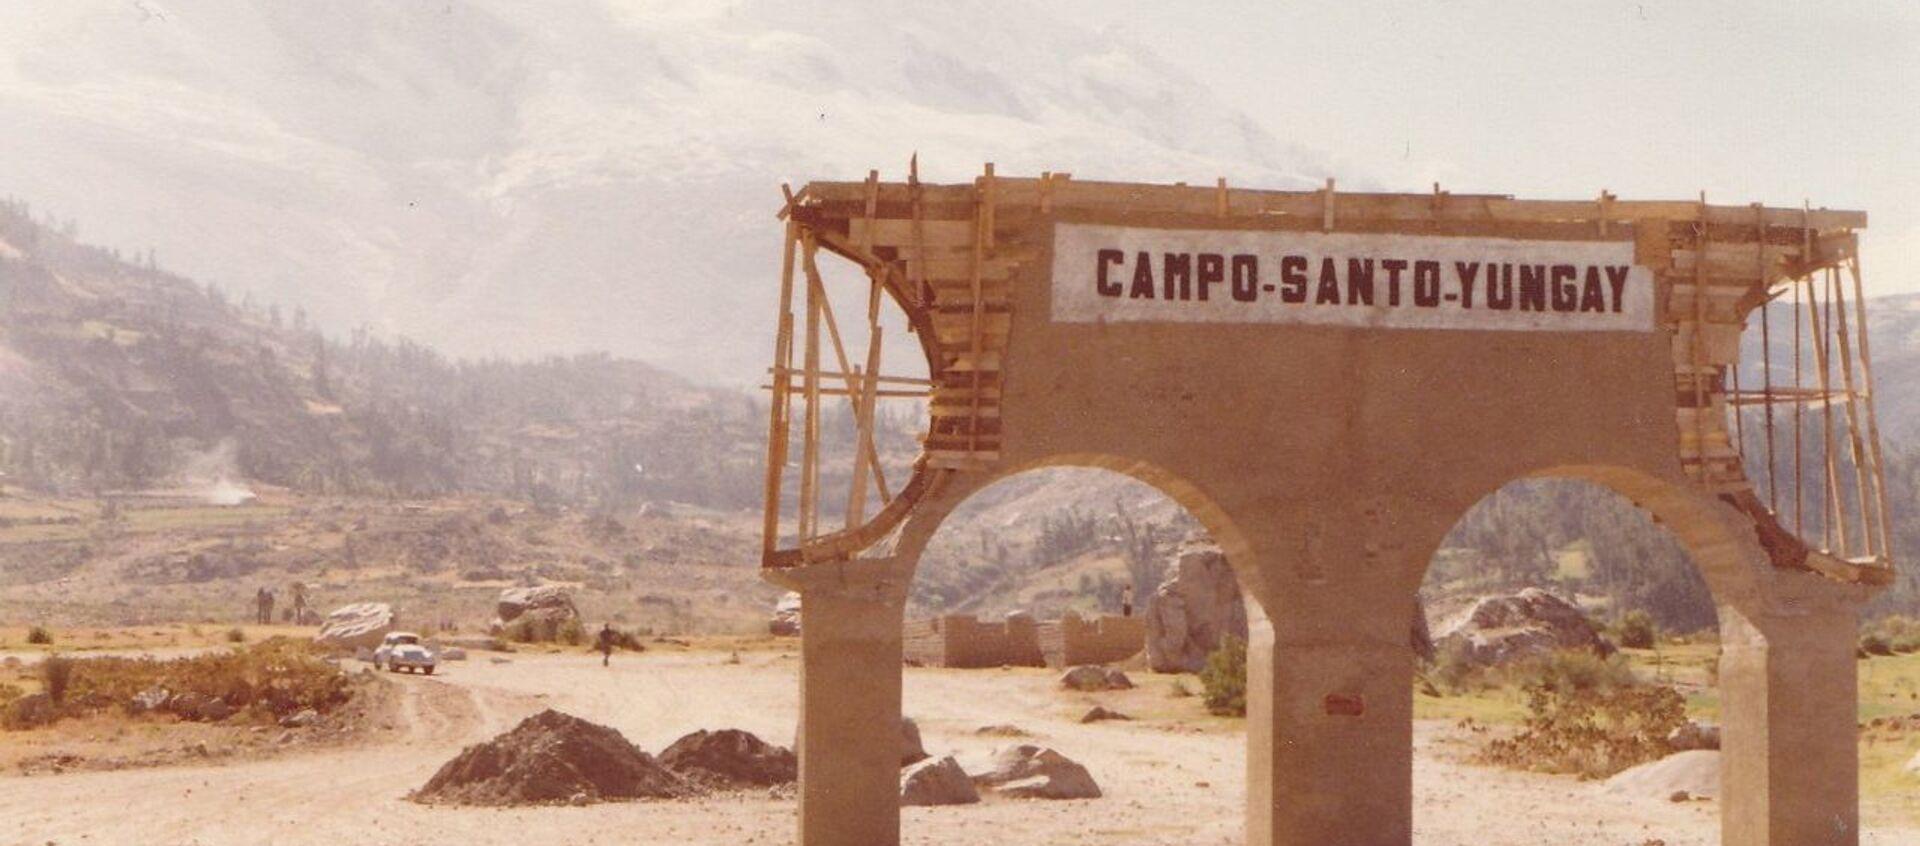 Ruinas del camposanto de la ciudad de Yungay, Perú, aplastada por un aluvión en 1970. - Sputnik Mundo, 1920, 30.05.2020